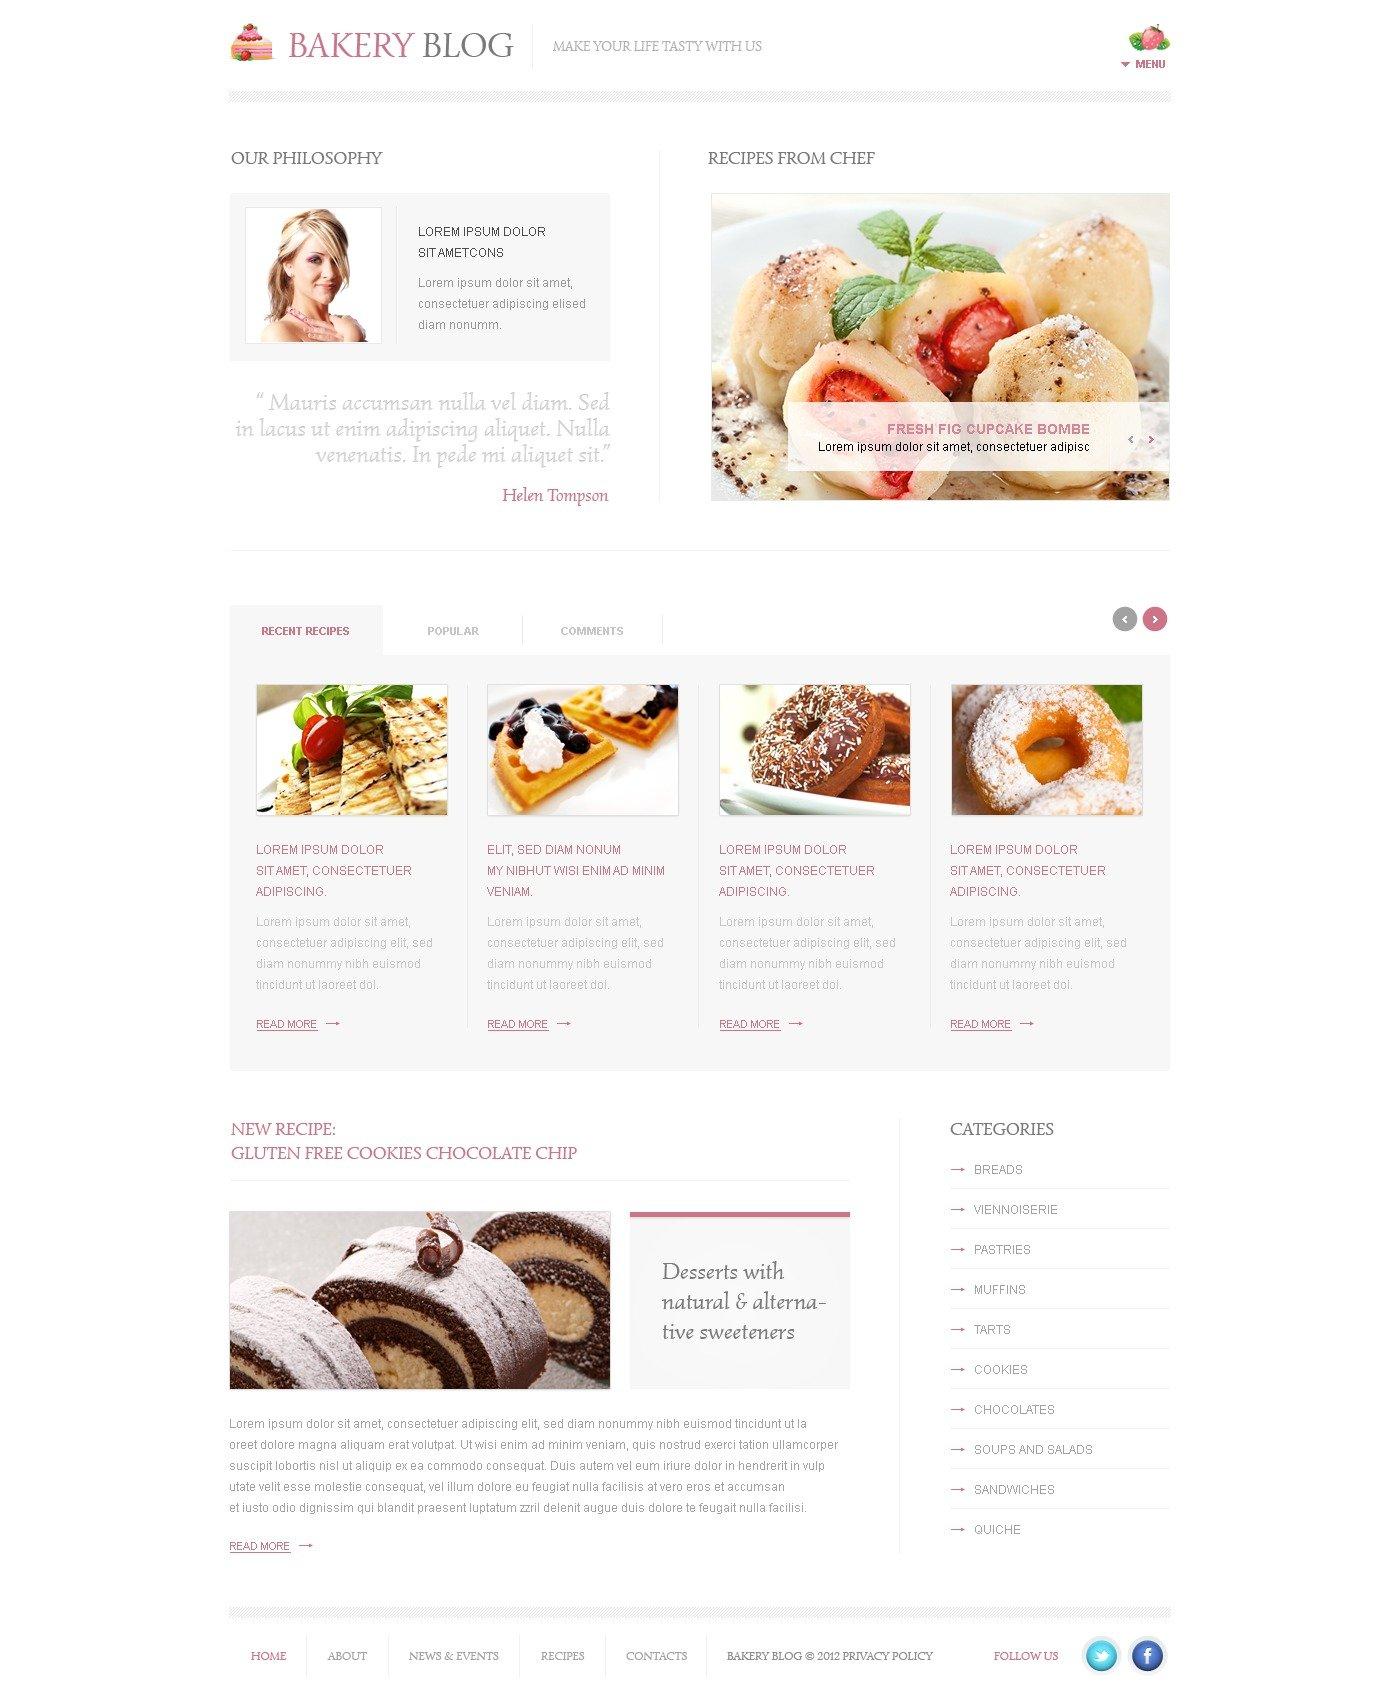 WordPress-tema för bageri #39179 - skärmbild